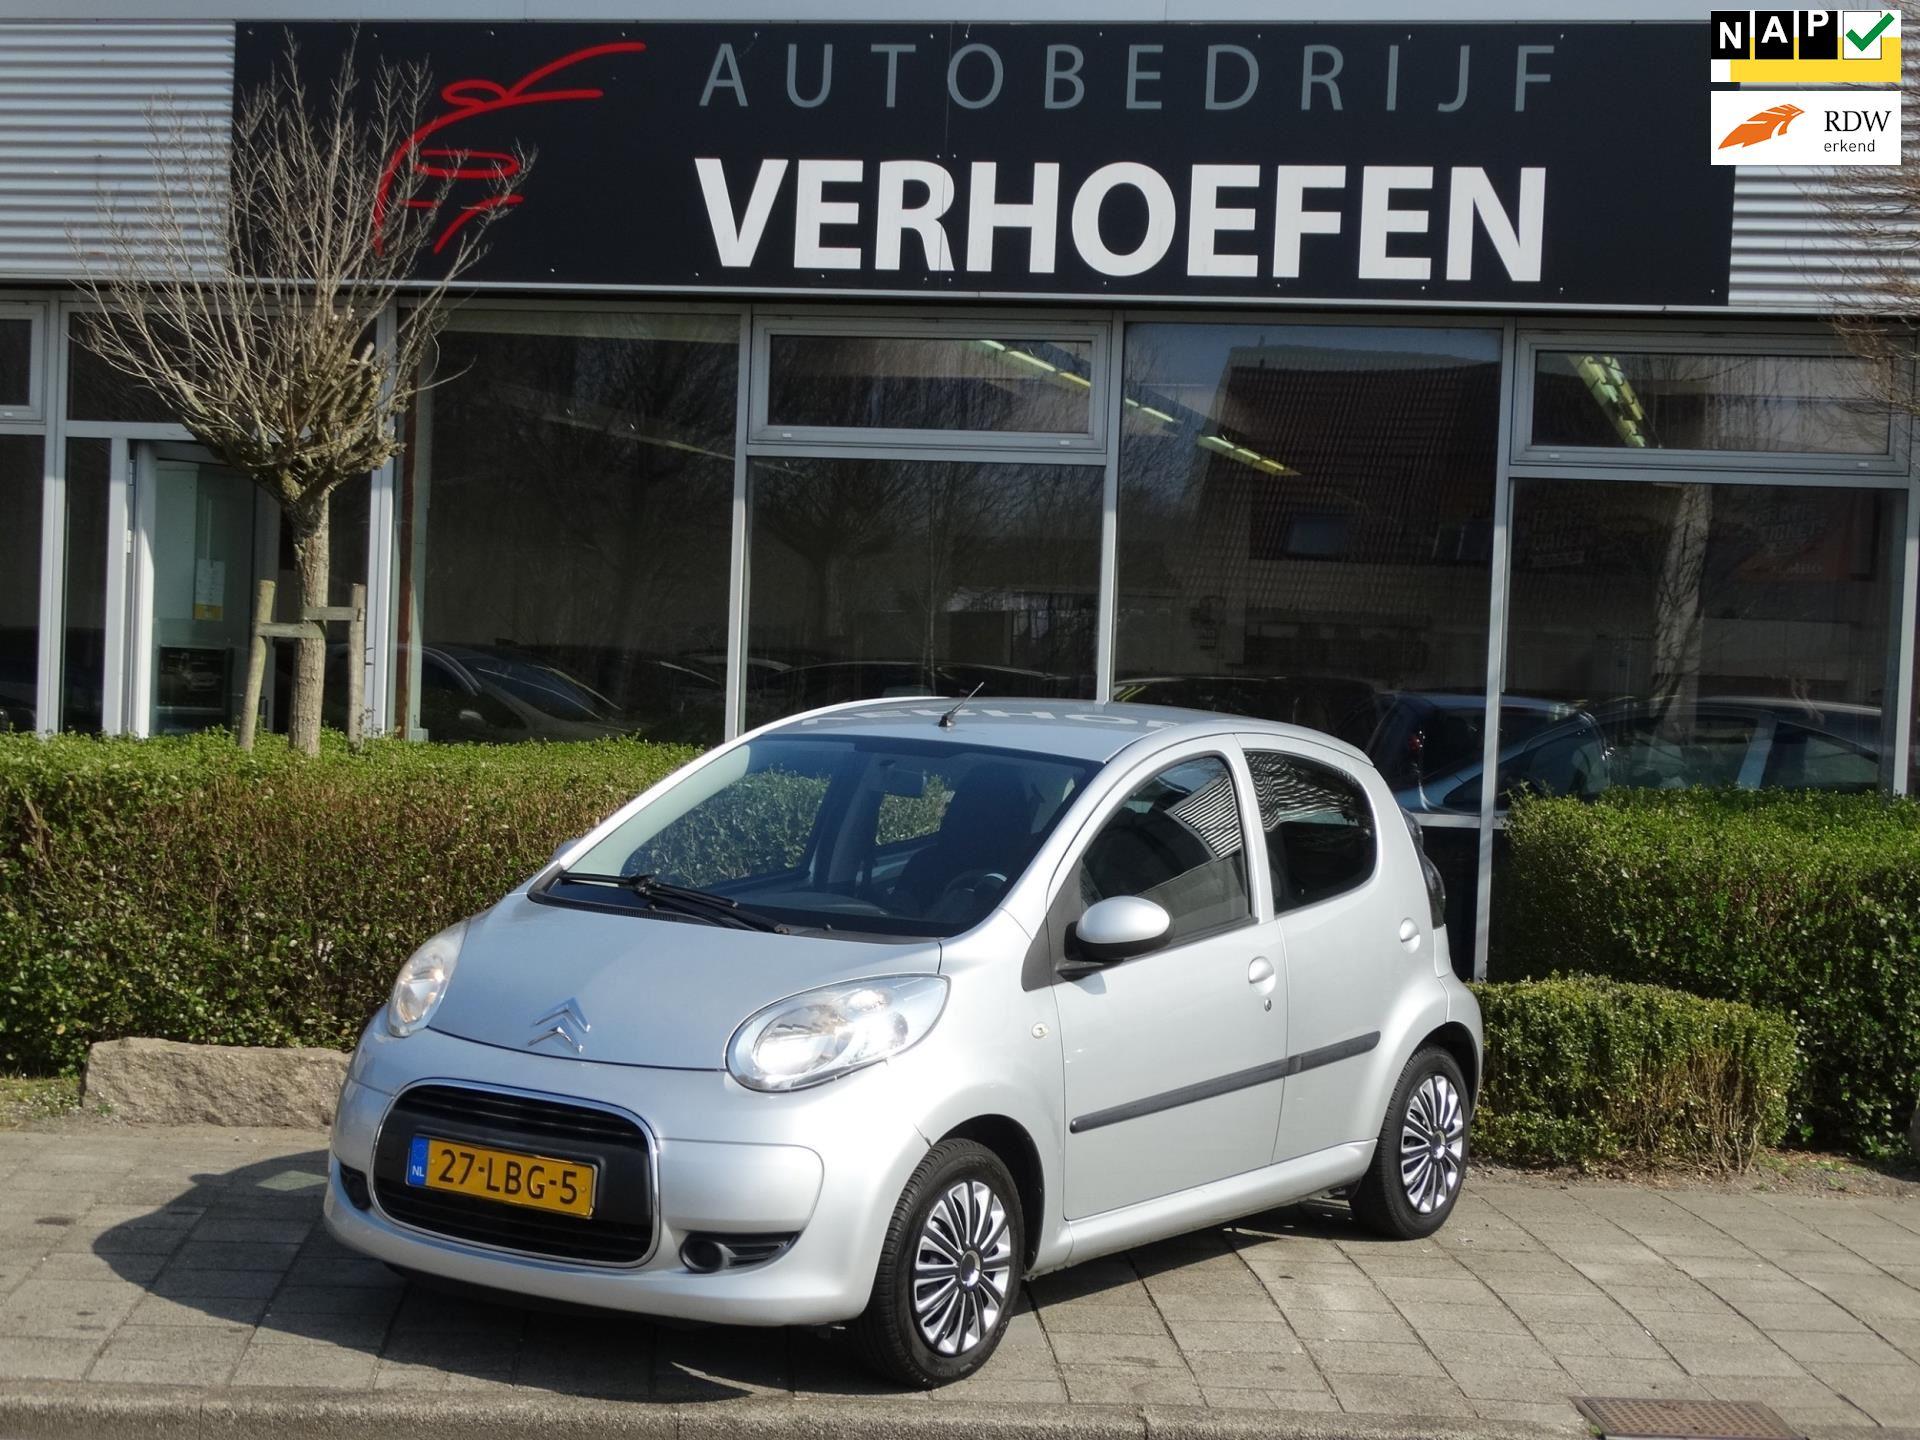 Citroen C1 occasion - Autobedrijf Verhoefen